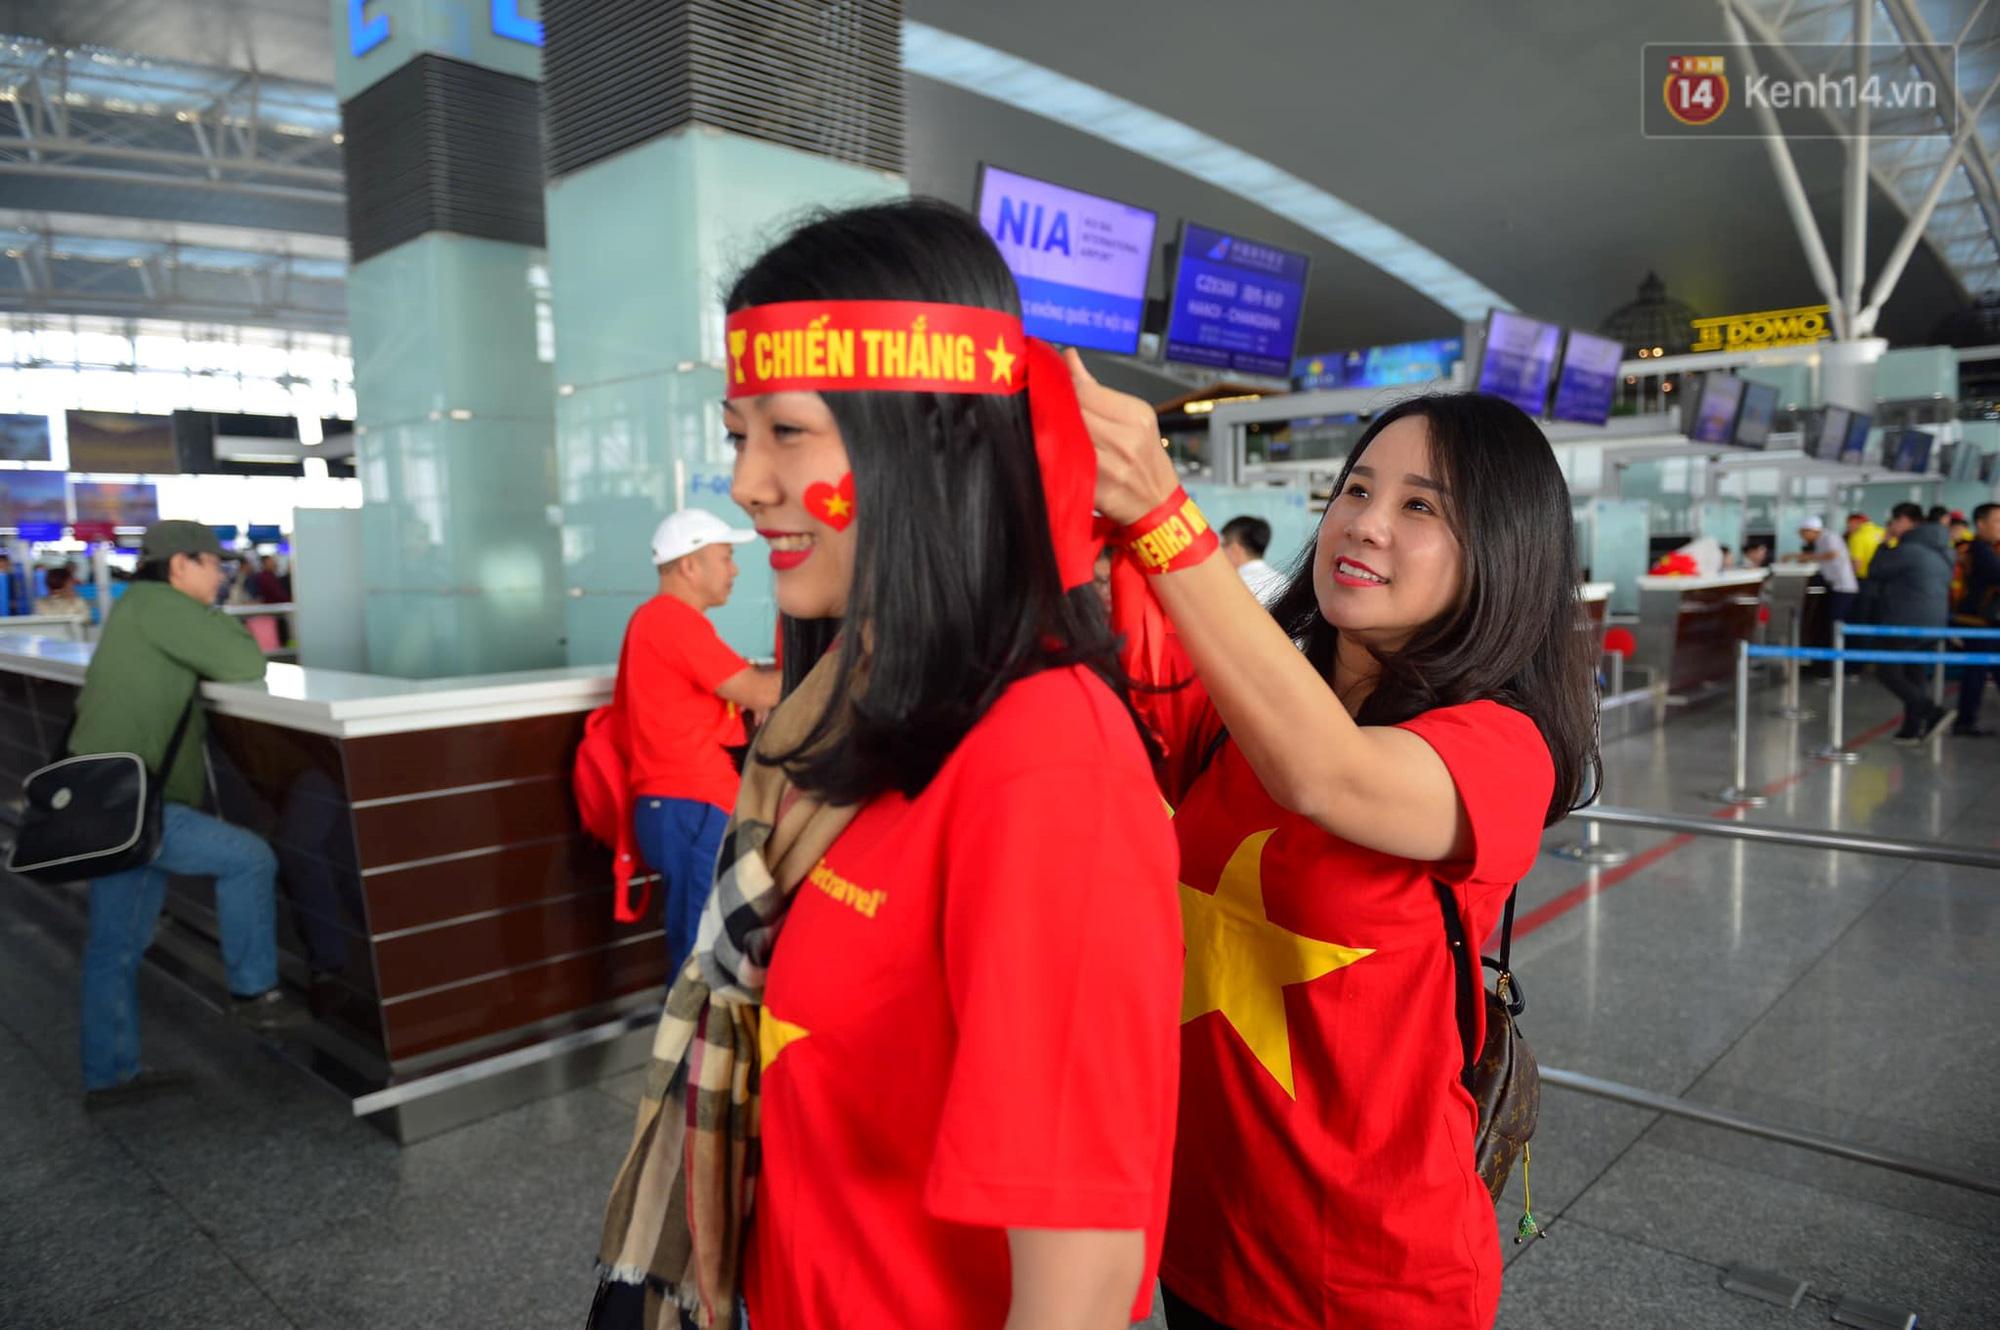 Tối nay, các CĐV sẽ có mặt tại sân vận động Rizal Memorial ở TP Manila để theo dõi trận đấu giữa Đội tuyển U22 Việt Nam và đội U22 Indonesia trong cuộc chinh phục tấm huy chương vàng (HCV).